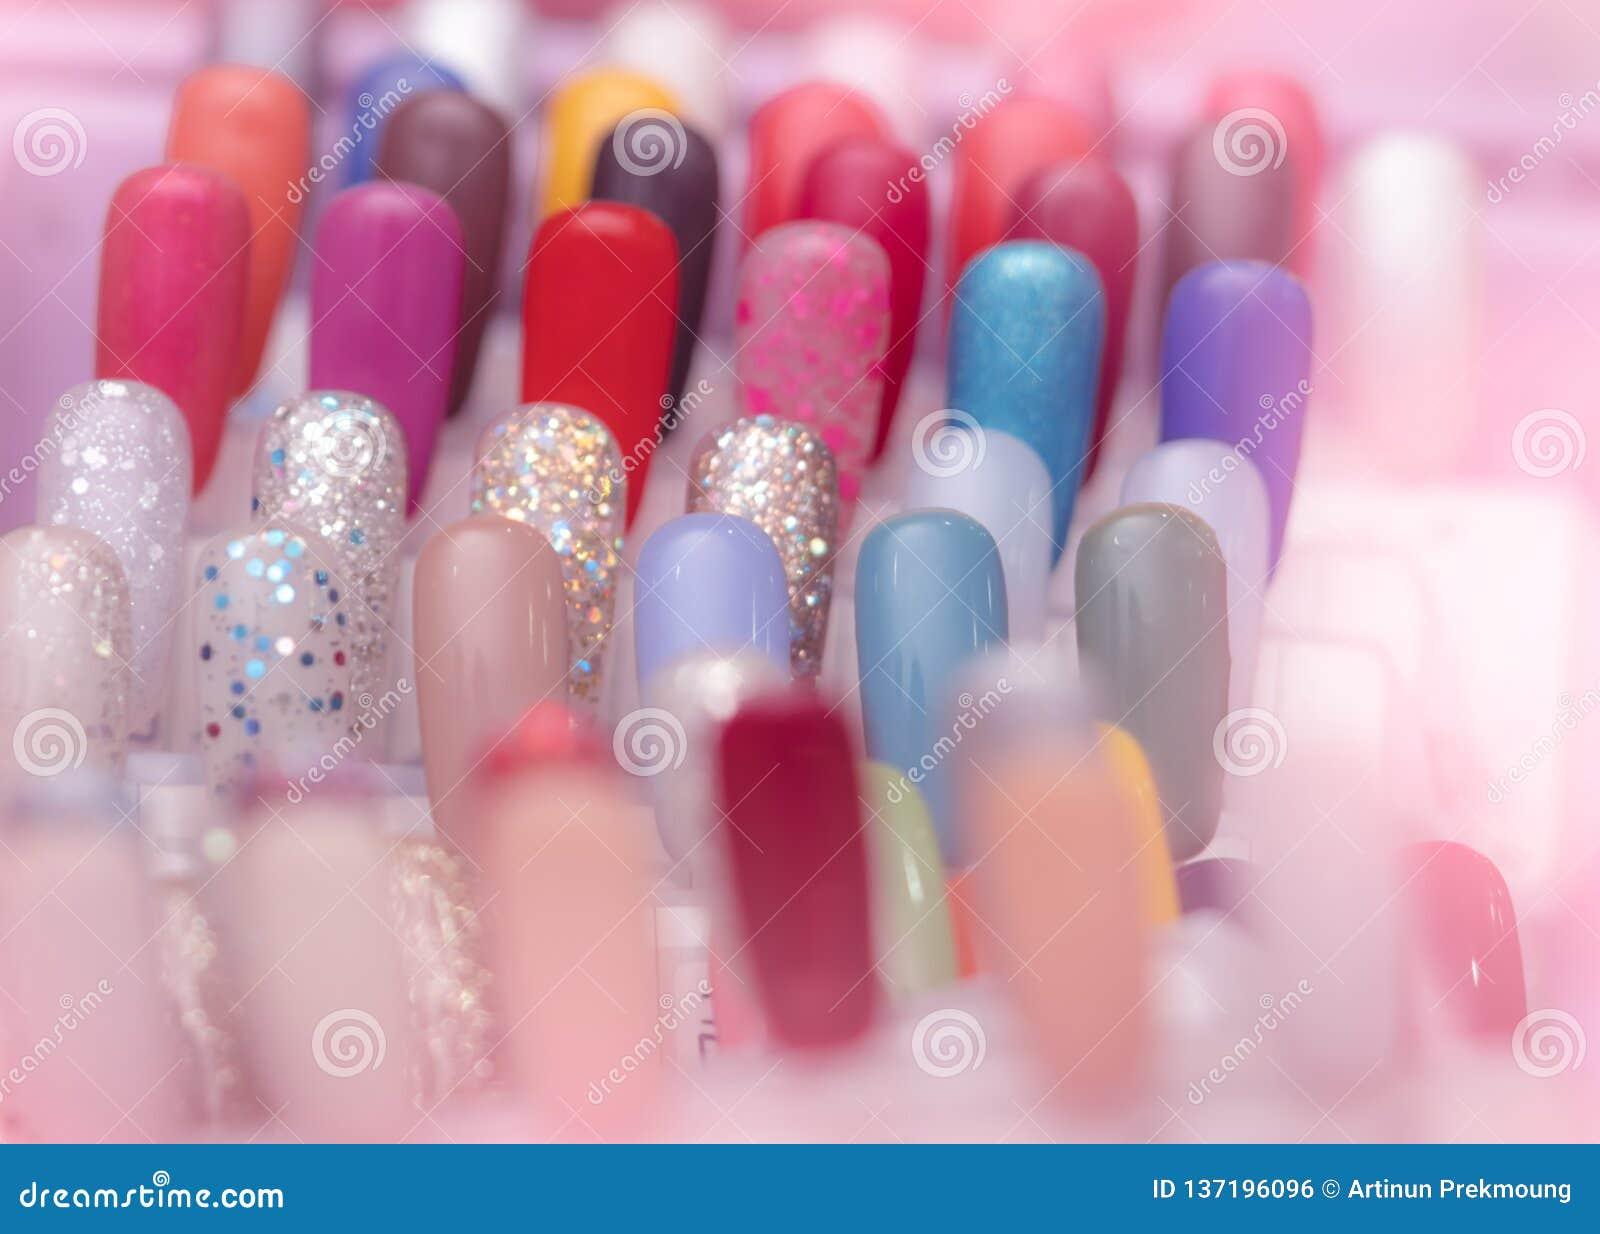 Ζωηρόχρωμα τεχνητά καρφιά στο κατάστημα σαλονιών καρφιών Σύνολο ψεύτικων καρφιών για τον πελάτη για να επιλέξει το χρώμα για το μ